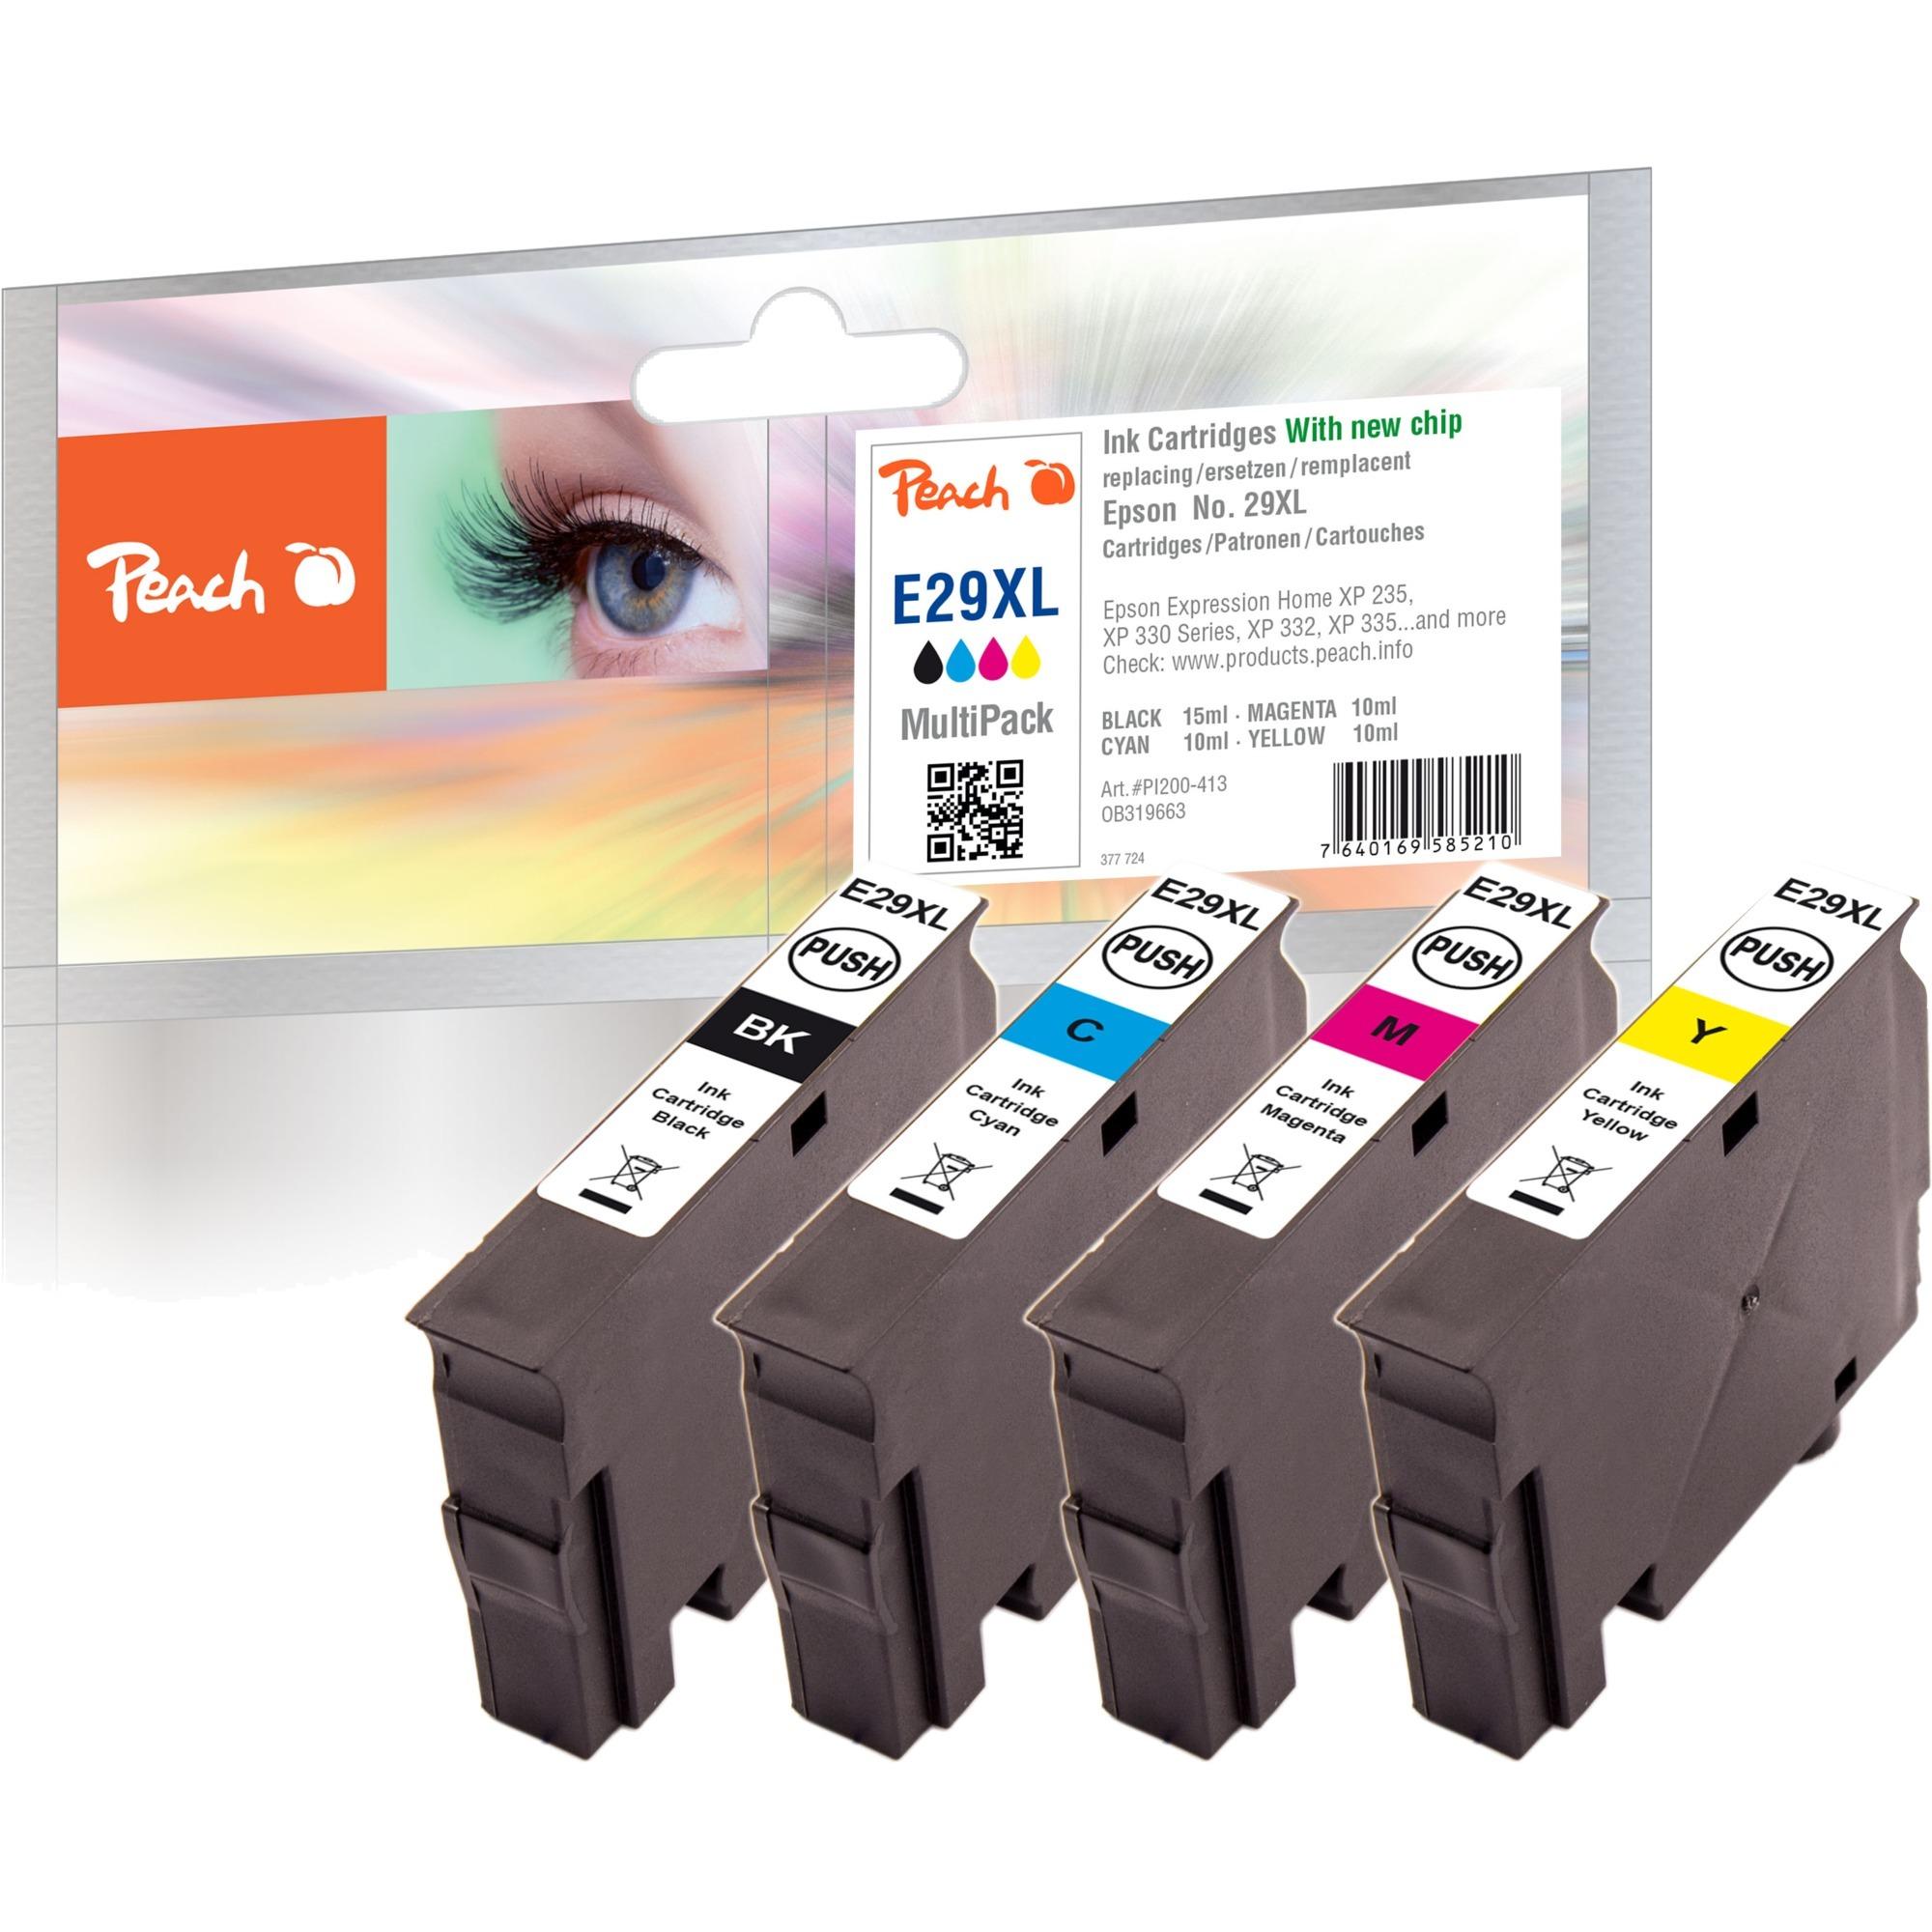 0F319663 cartucho de tinta Negro, Cian, Magenta, Amarillo Multipack 4 pieza(s)